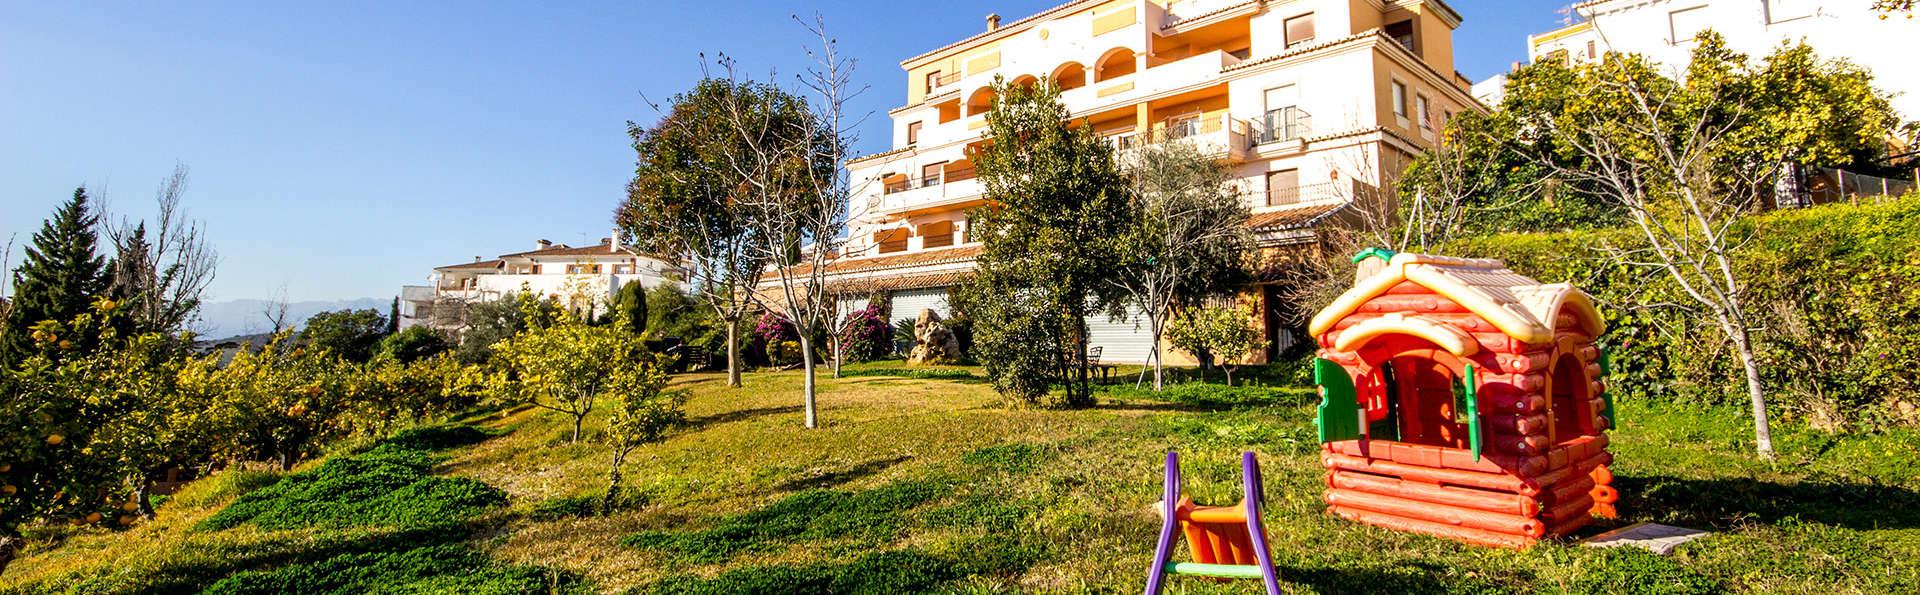 Hotel Rural Sierra Tejeda - EDIT_front.jpg